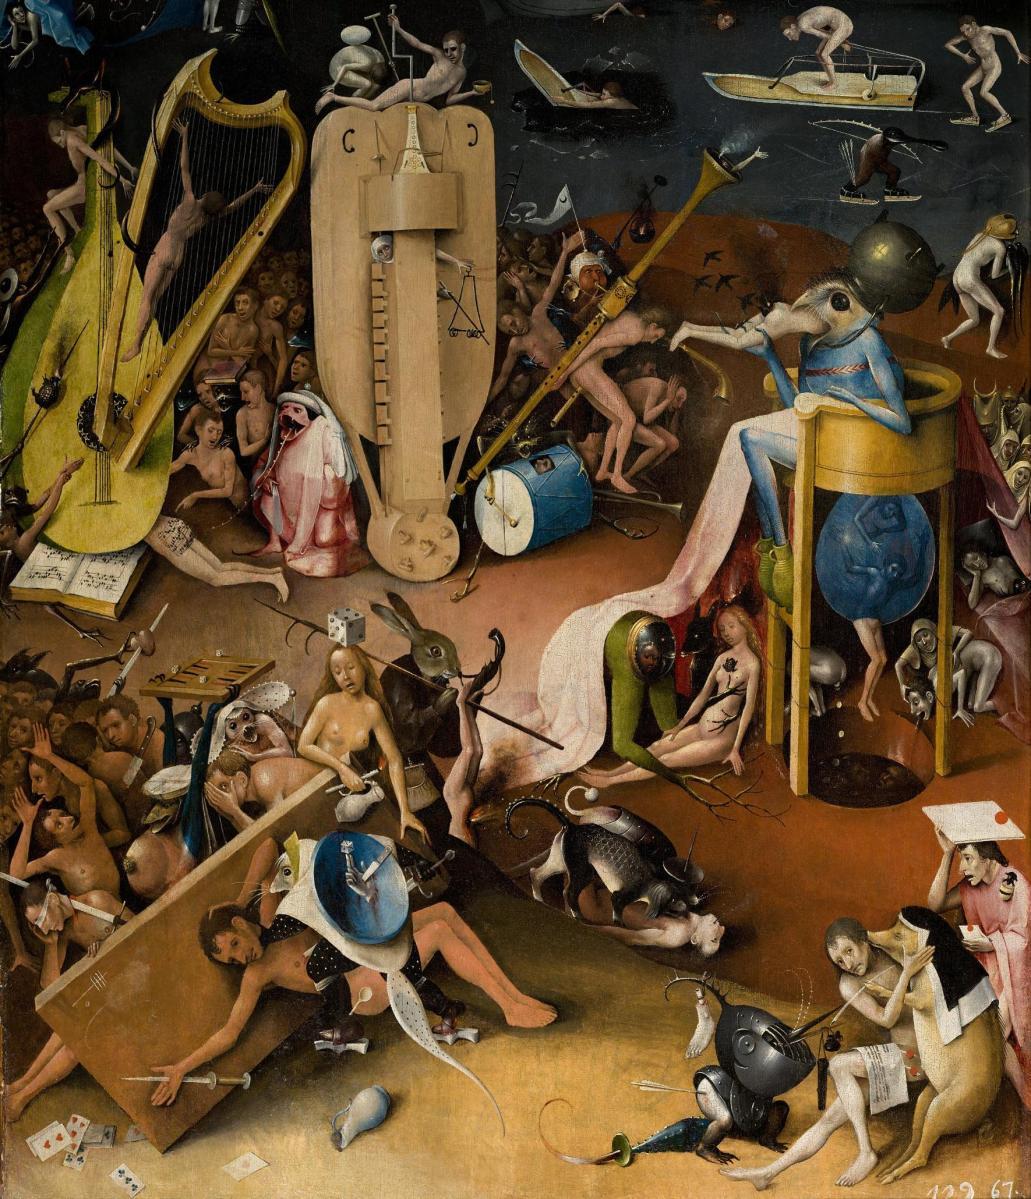 """Enlace al infierno: un tour interactivo por """"El Jardín de las Delicias"""" de Hieronymus Bosch"""